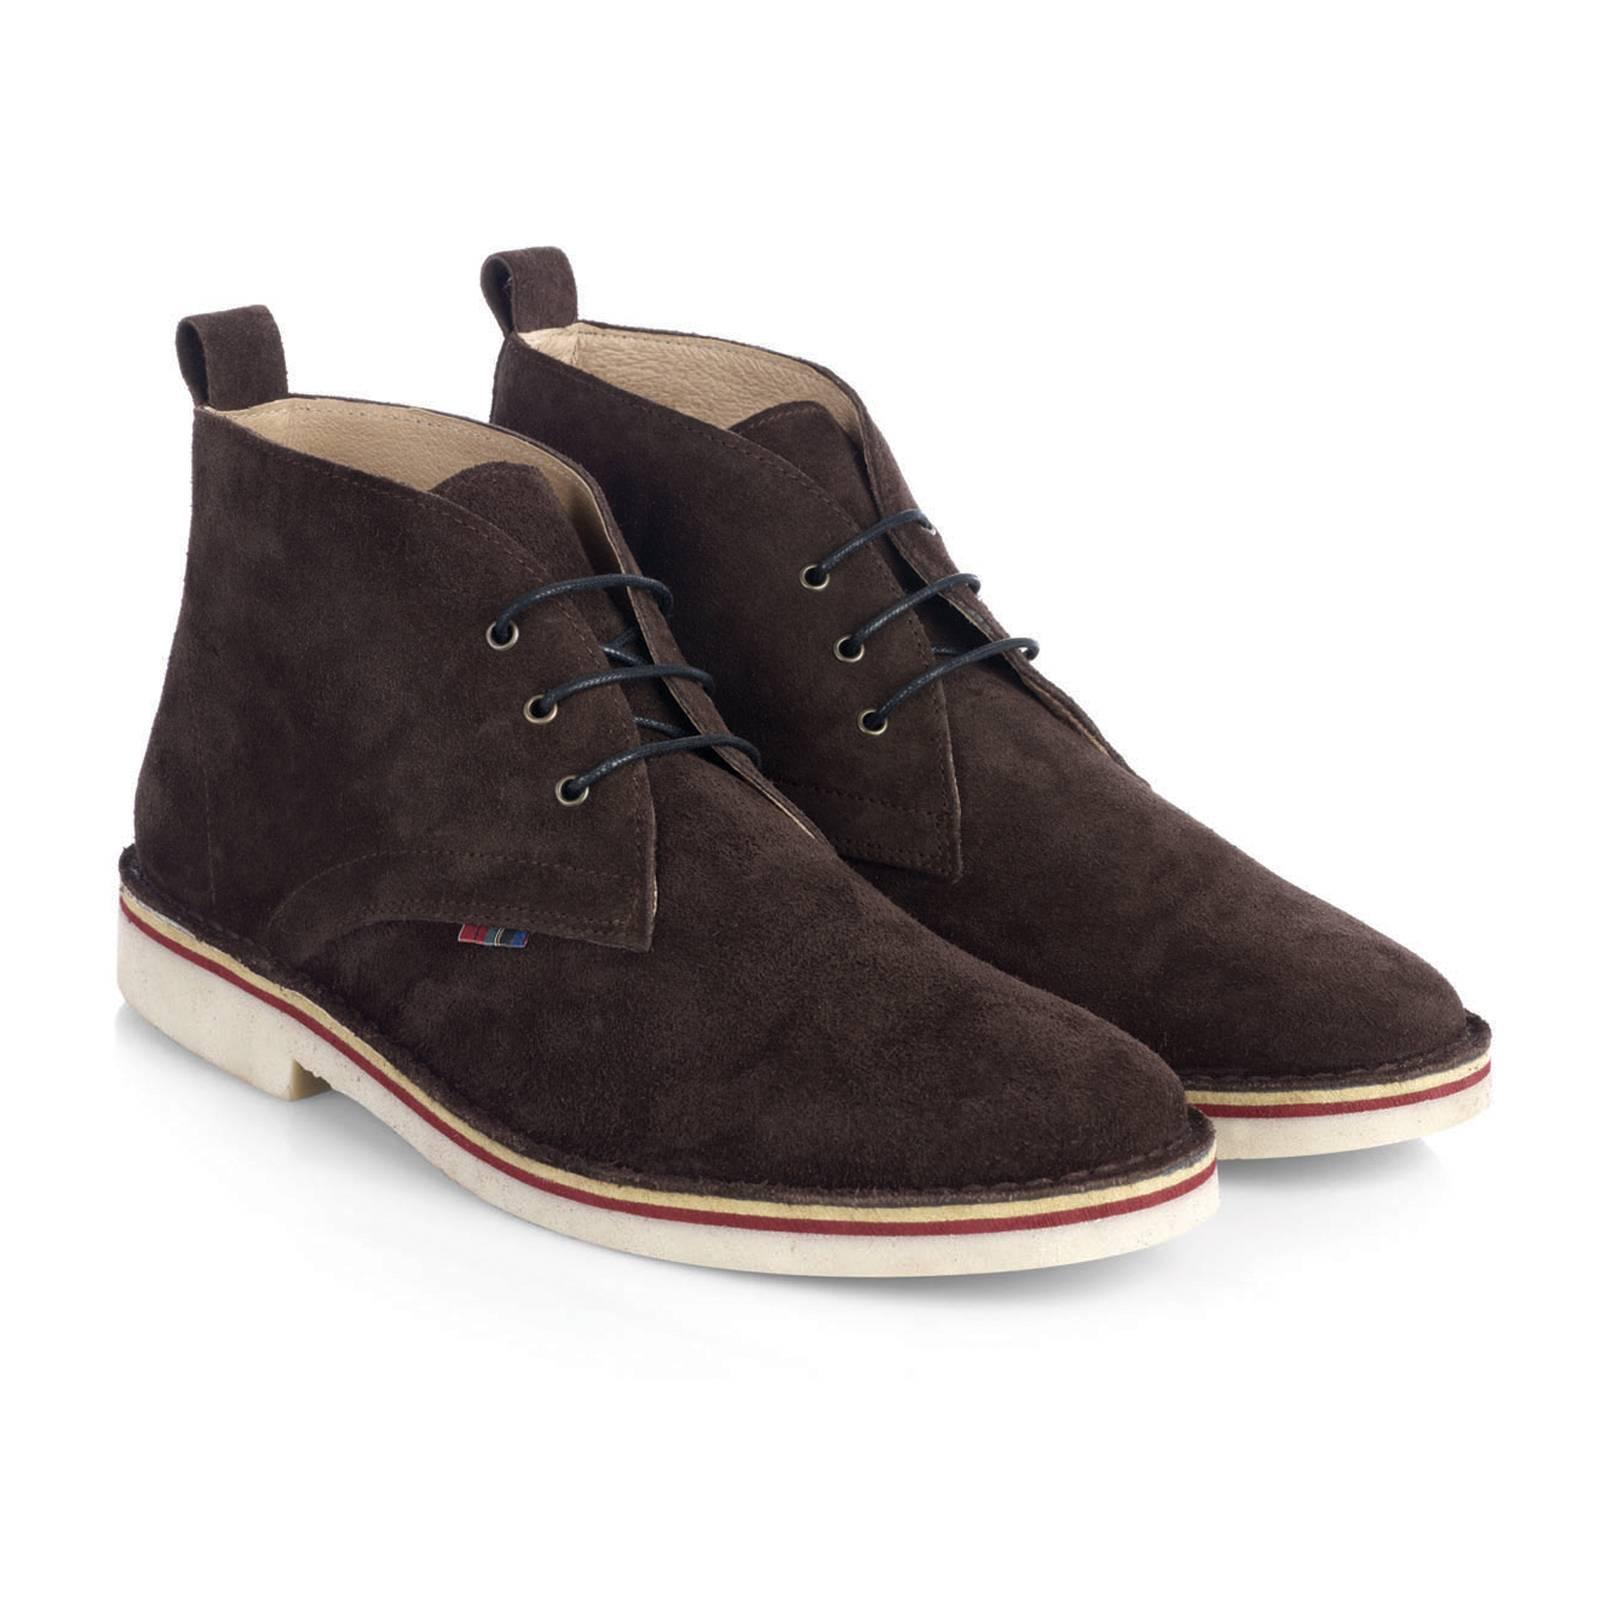 Дезерты HanoverОбувь<br>Легендарная, родом из 60-х, модель кэжуальных ботинок &amp;amp;quot;Desert Boots&amp;amp;quot; - must-have для любого casual модника и основа современного повседневного стиля. Пришедшие в моду из гардероба Британских военных времен Второй мировой войны, в 60-х Дезерты стали модной иконой в задававших тон субкультурах и европейских творческих кругах. С тех пор эти ботинки не сходят со страниц fashion журналов, а их актуальность сегодня не вызывает сомнений. &amp;lt;br /&amp;gt;<br>&amp;lt;br /&amp;gt;<br>Произведенные в Испании из высококачественной замши в лучших классических традициях стиля, Дезерты Merc комфортны, долговечны и поистине универсальны. Четкое соответствие заявленным размерам - важное дополнение к преимуществам этой модели.&amp;lt;br /&amp;gt;<br>&amp;lt;br /&amp;gt;<br>Desert Boots можно носить с джинсами или чиносами, они прекрасно сочетаются с рубашками-поло, трикотажем и Харрингтонами. Широкая цветовая палитра позволяет подобрать Дезерты Merc в тон верха или на контрасте, в соответствии с последними тенденциями. Фирменная отличительная деталь Дезертов Merc - маленький клетчатый &amp;amp;quot;тартановый&amp;amp;quot; ярлычек справа и тартановая стелька.<br><br>Артикул: 0913210<br>Материал: 100% замша /гибкая резиновая подошва<br>Цвет: коричневый<br>Пол: Мужской